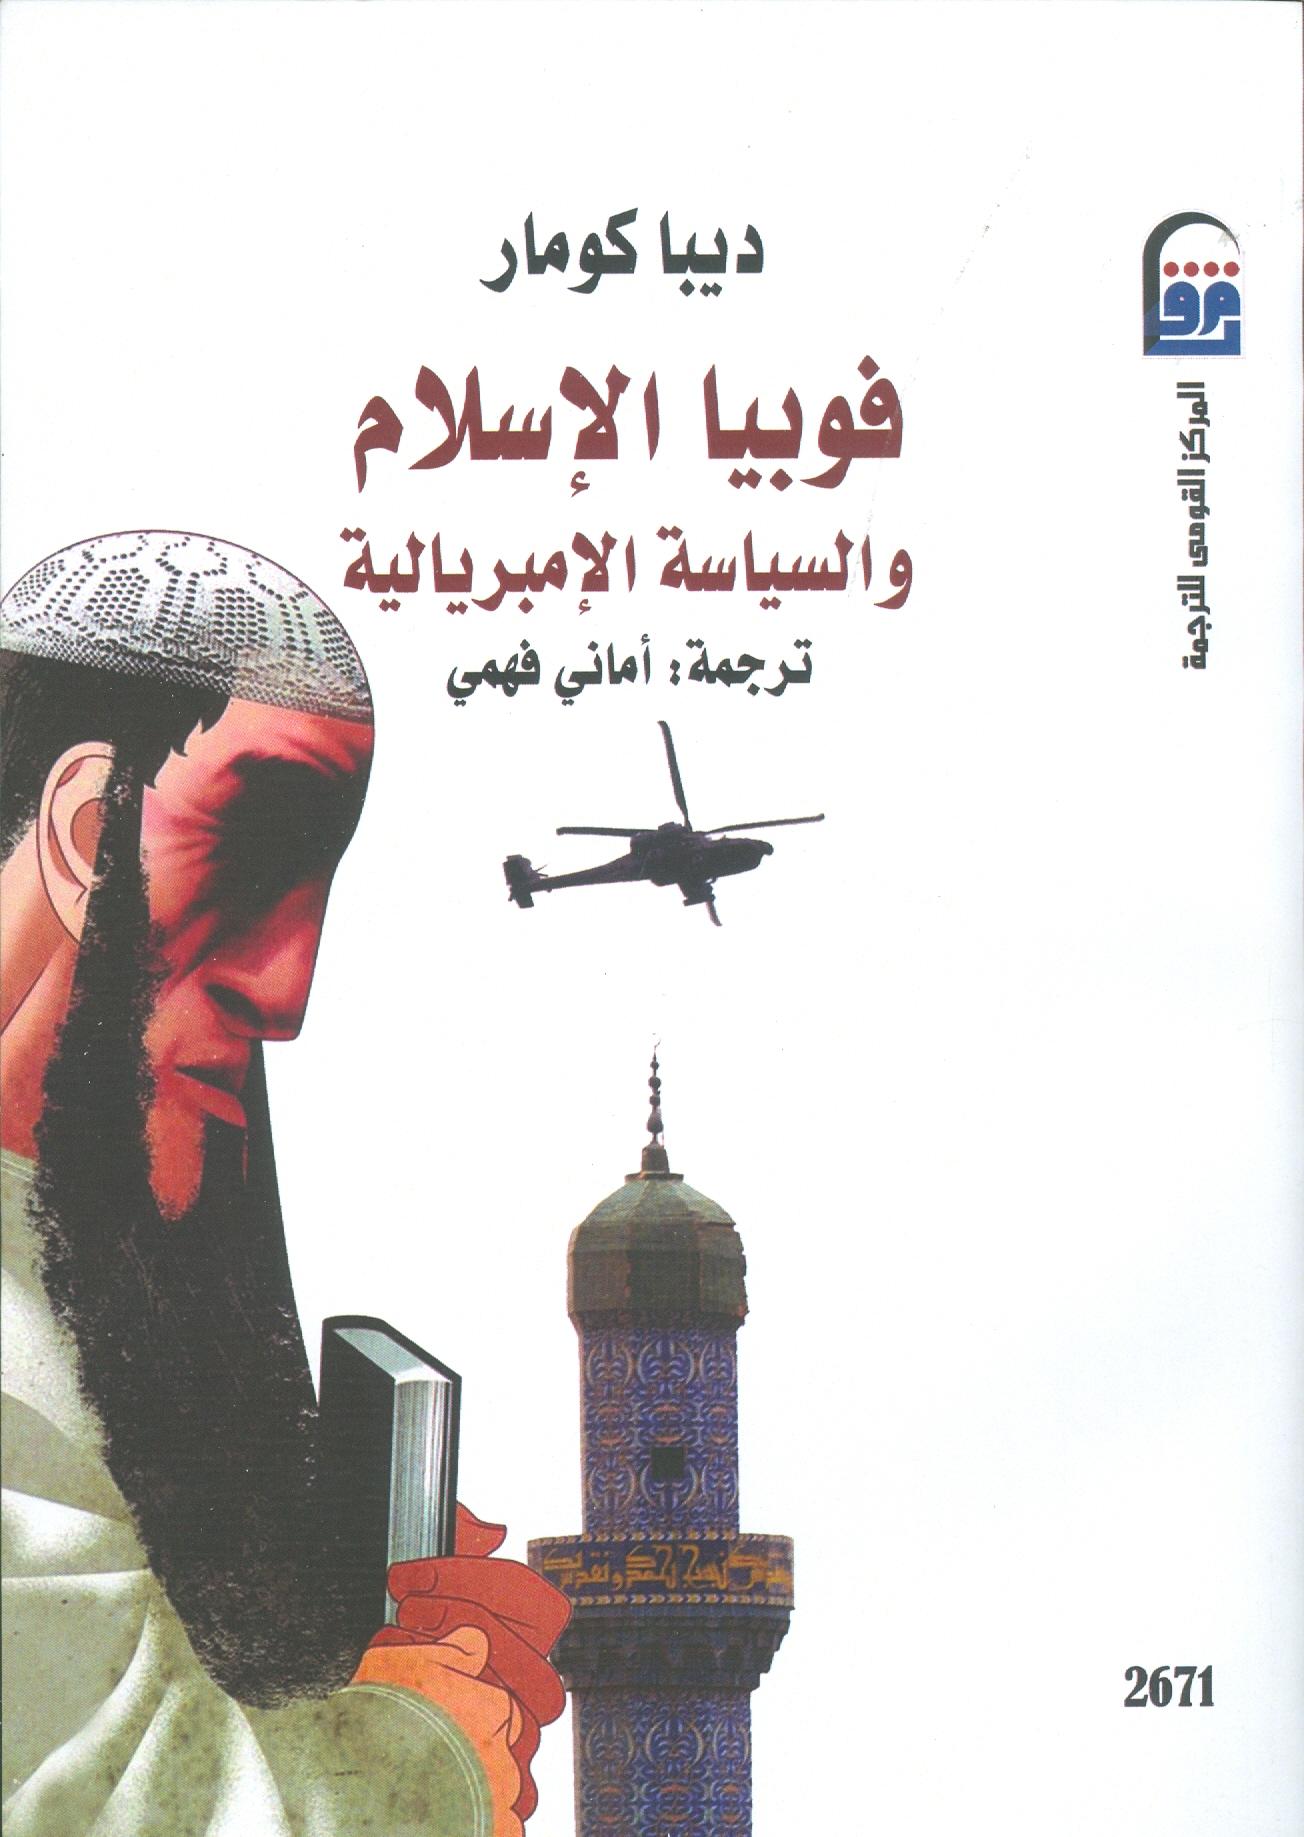 فوبيا الإسلام والسياسة الامبريالية